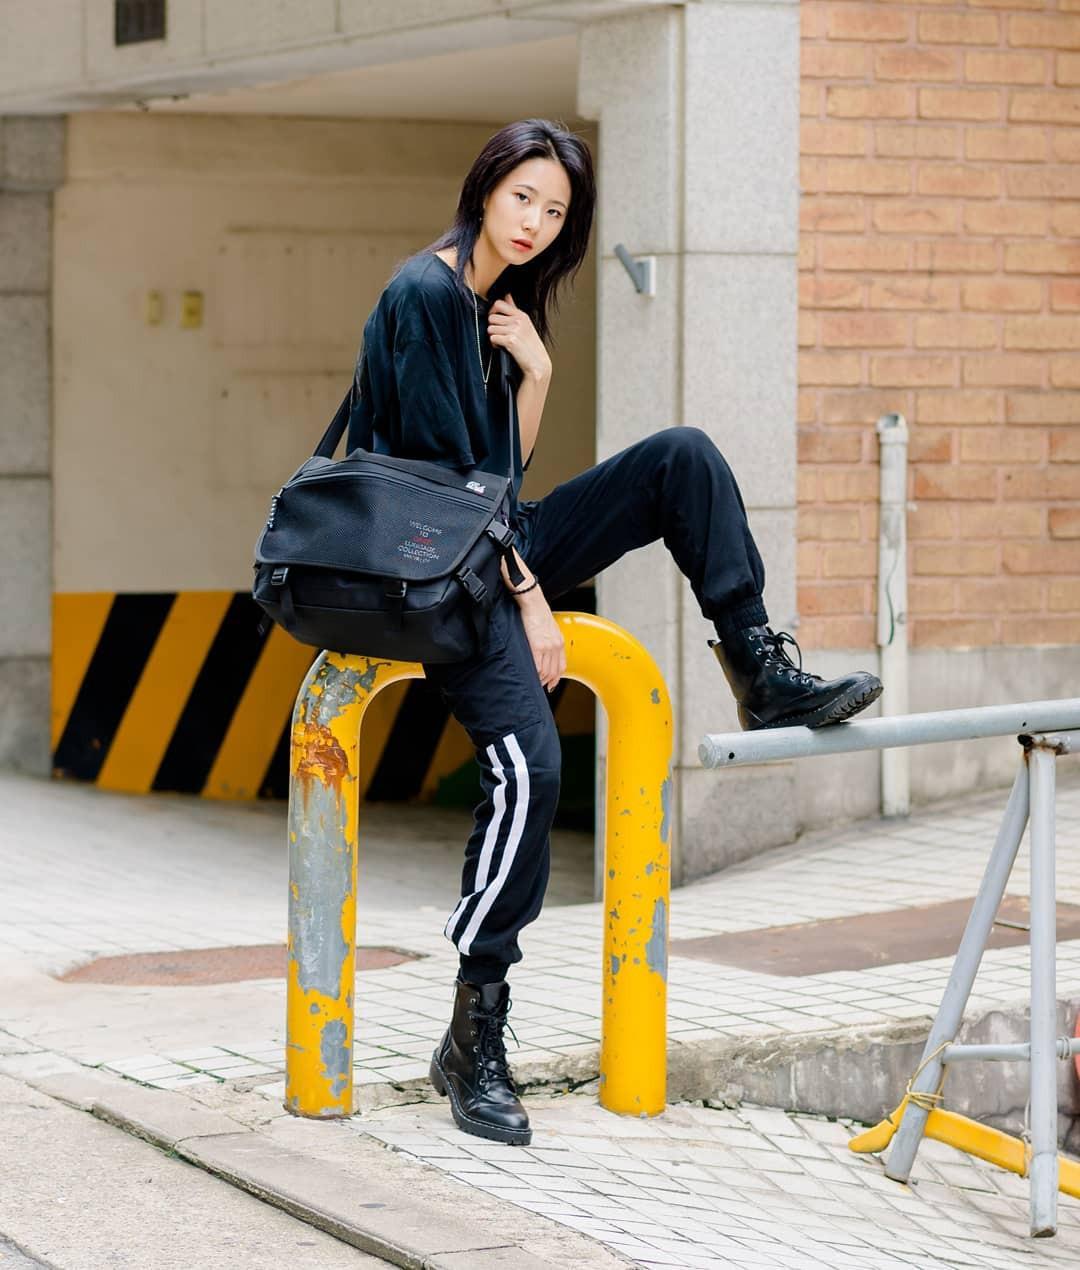 Không có lấy một set đồ bánh bèo, street style của con gái Hàn tuần qua toàn những ca cool ngầu siêu hút mắt - Ảnh 7.